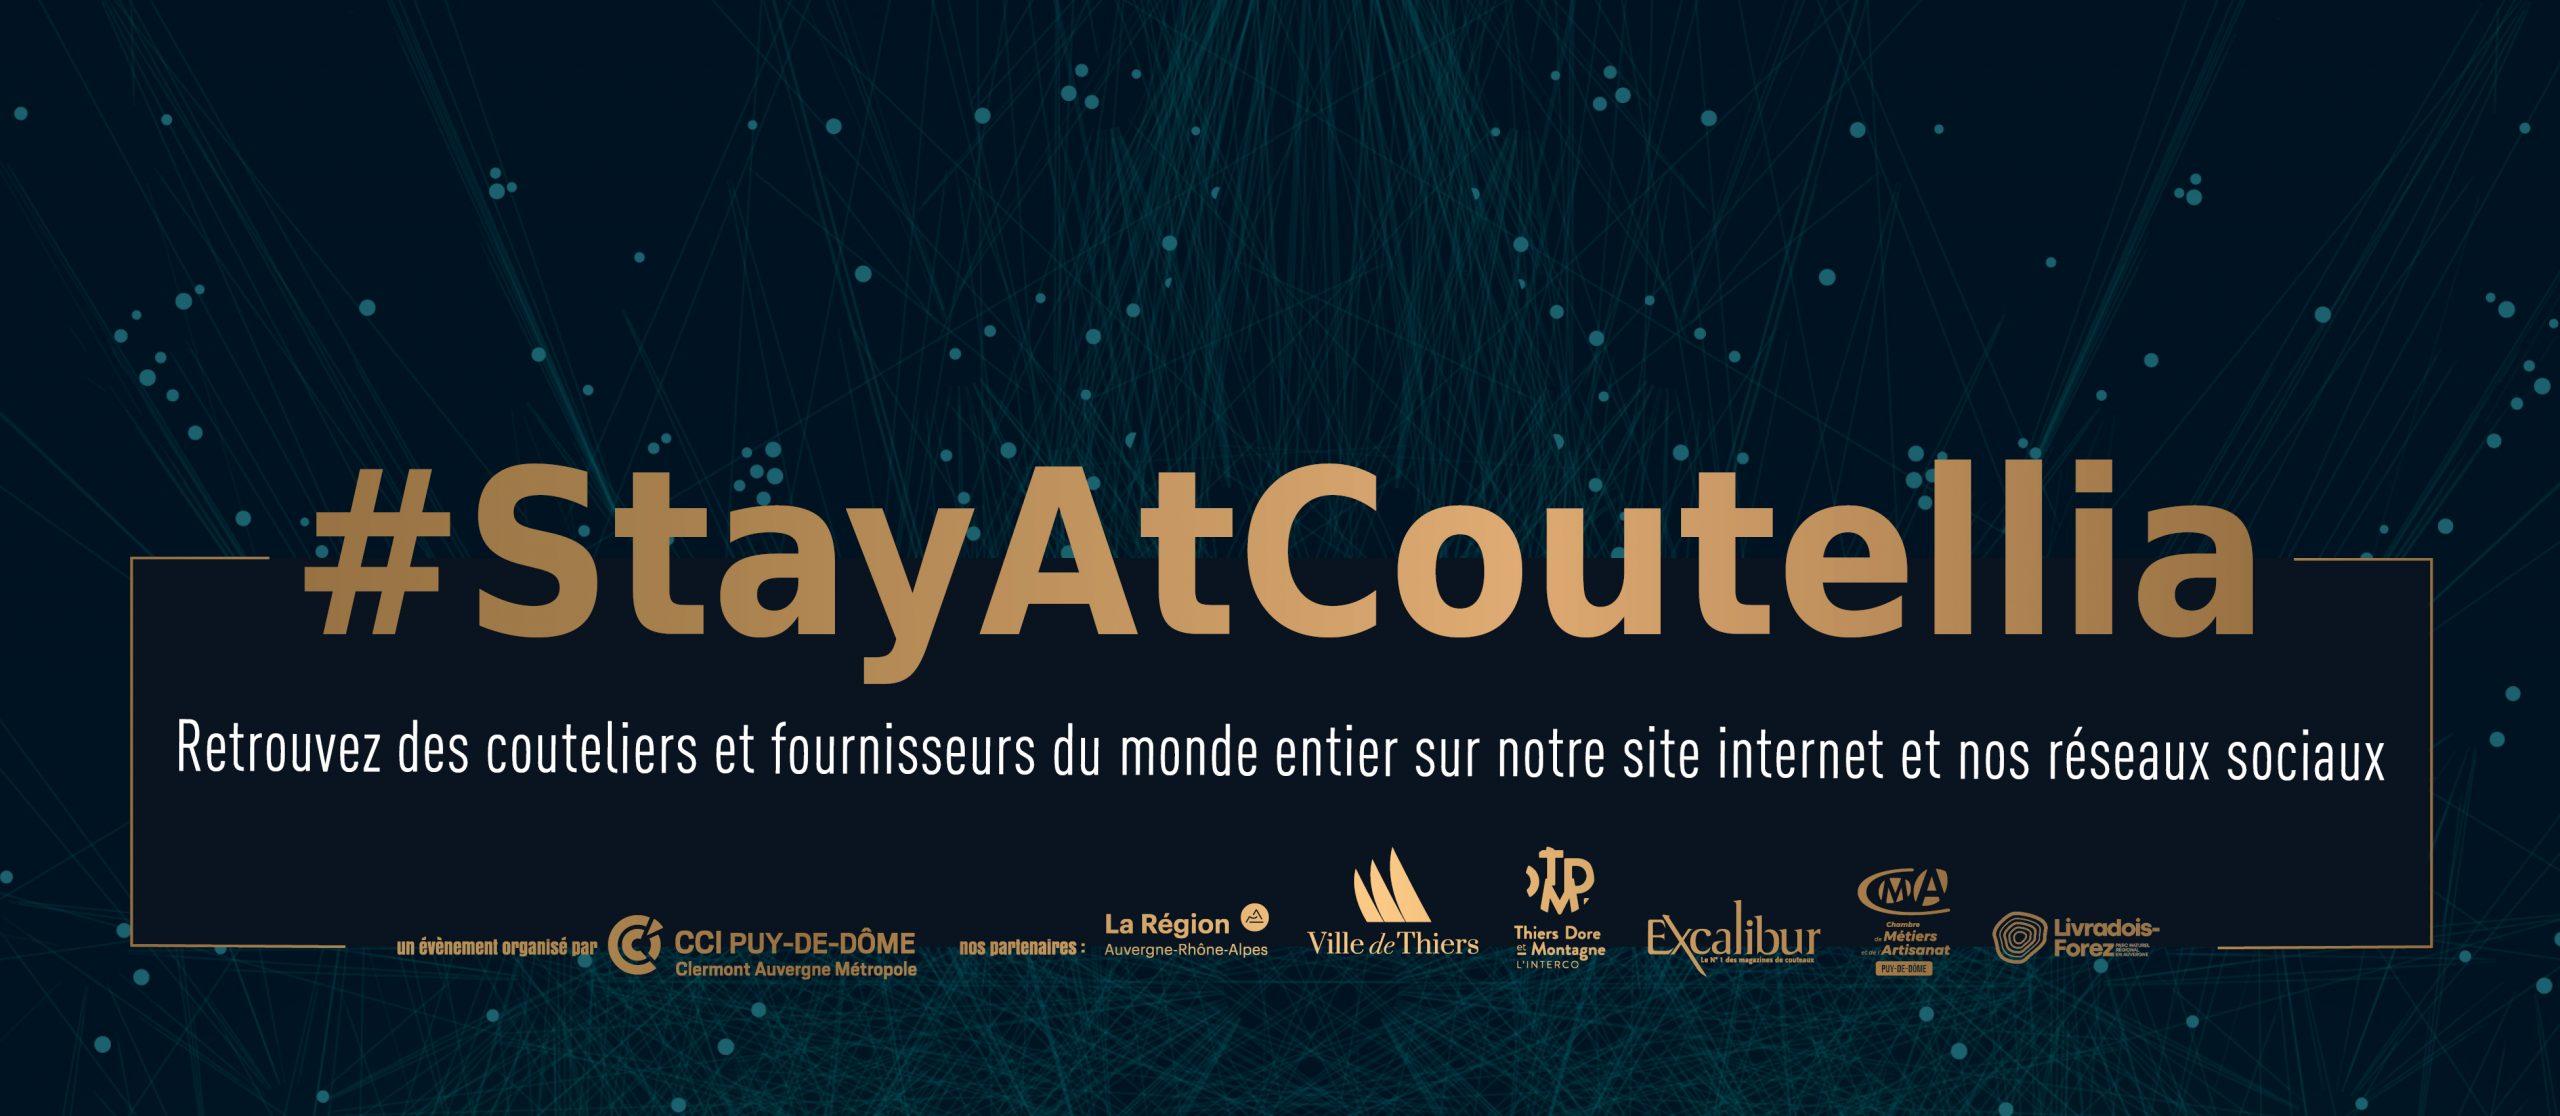 stayatcoutellia_coutellia